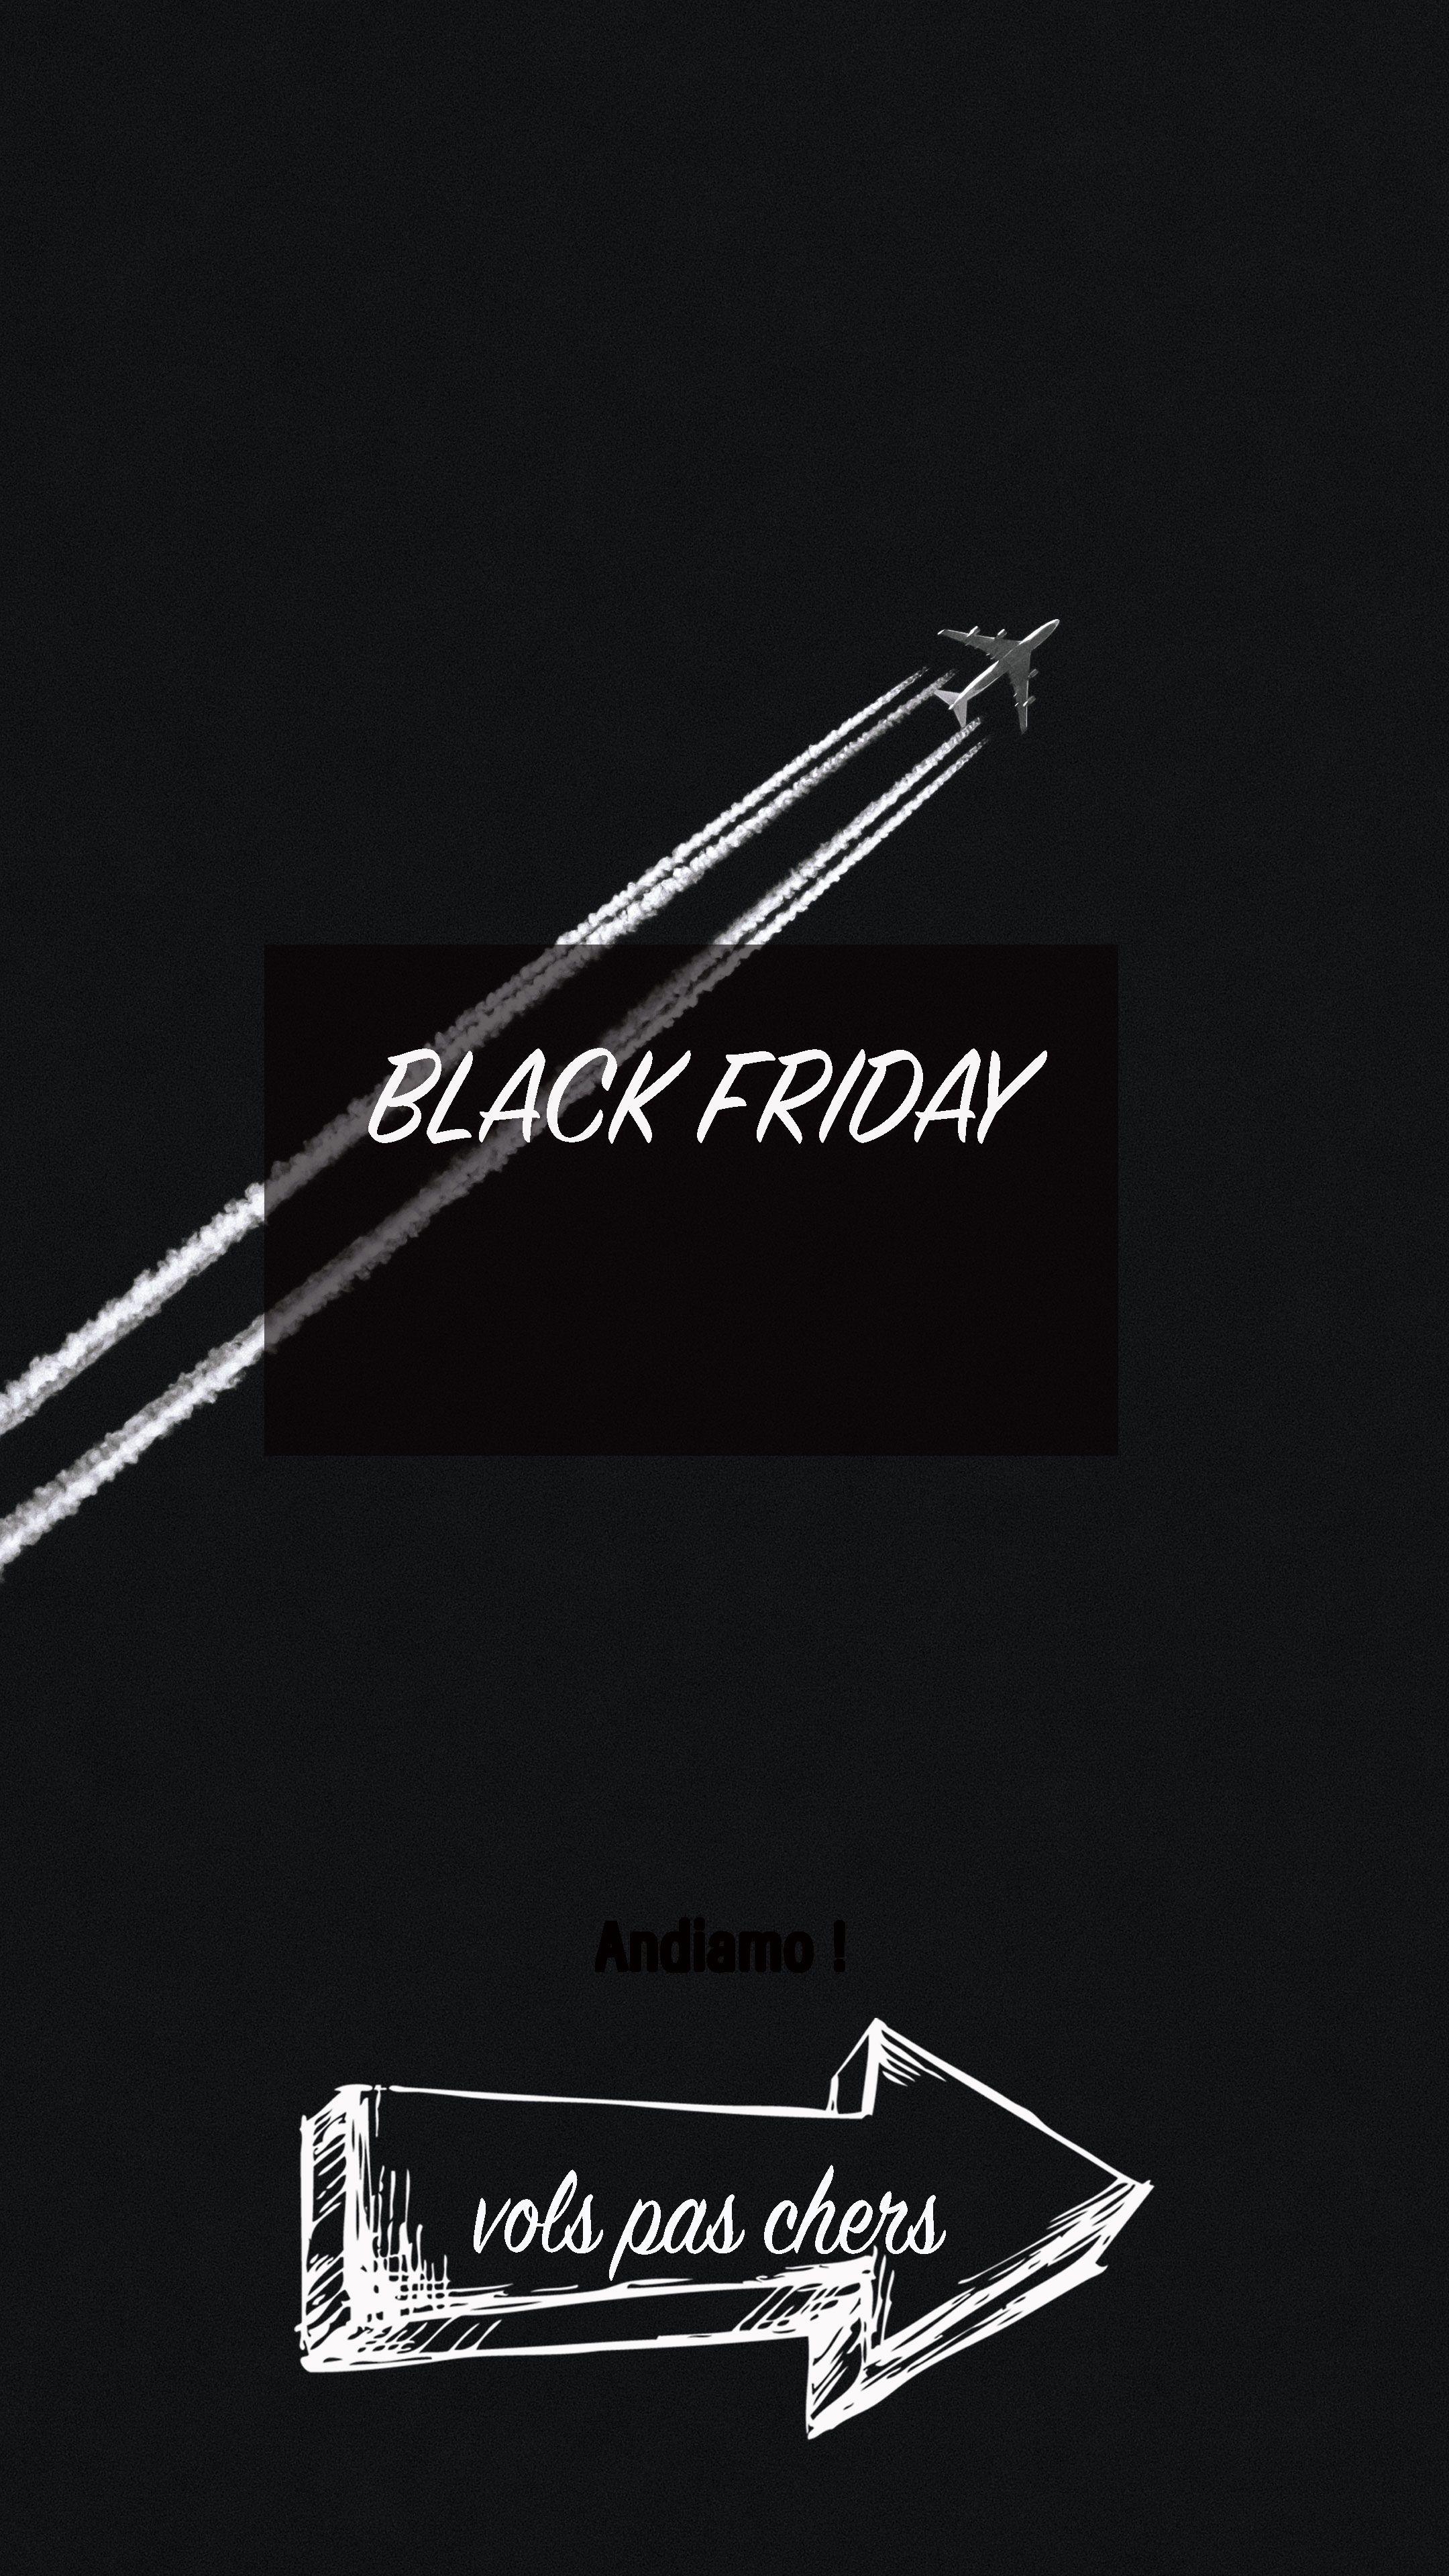 Black Friday Billet D'avion : black, friday, billet, d'avion, 🖤BLACK, FRIDAY, Moins, Chers🖤, Cher,, Billet, Avion,, Voyage